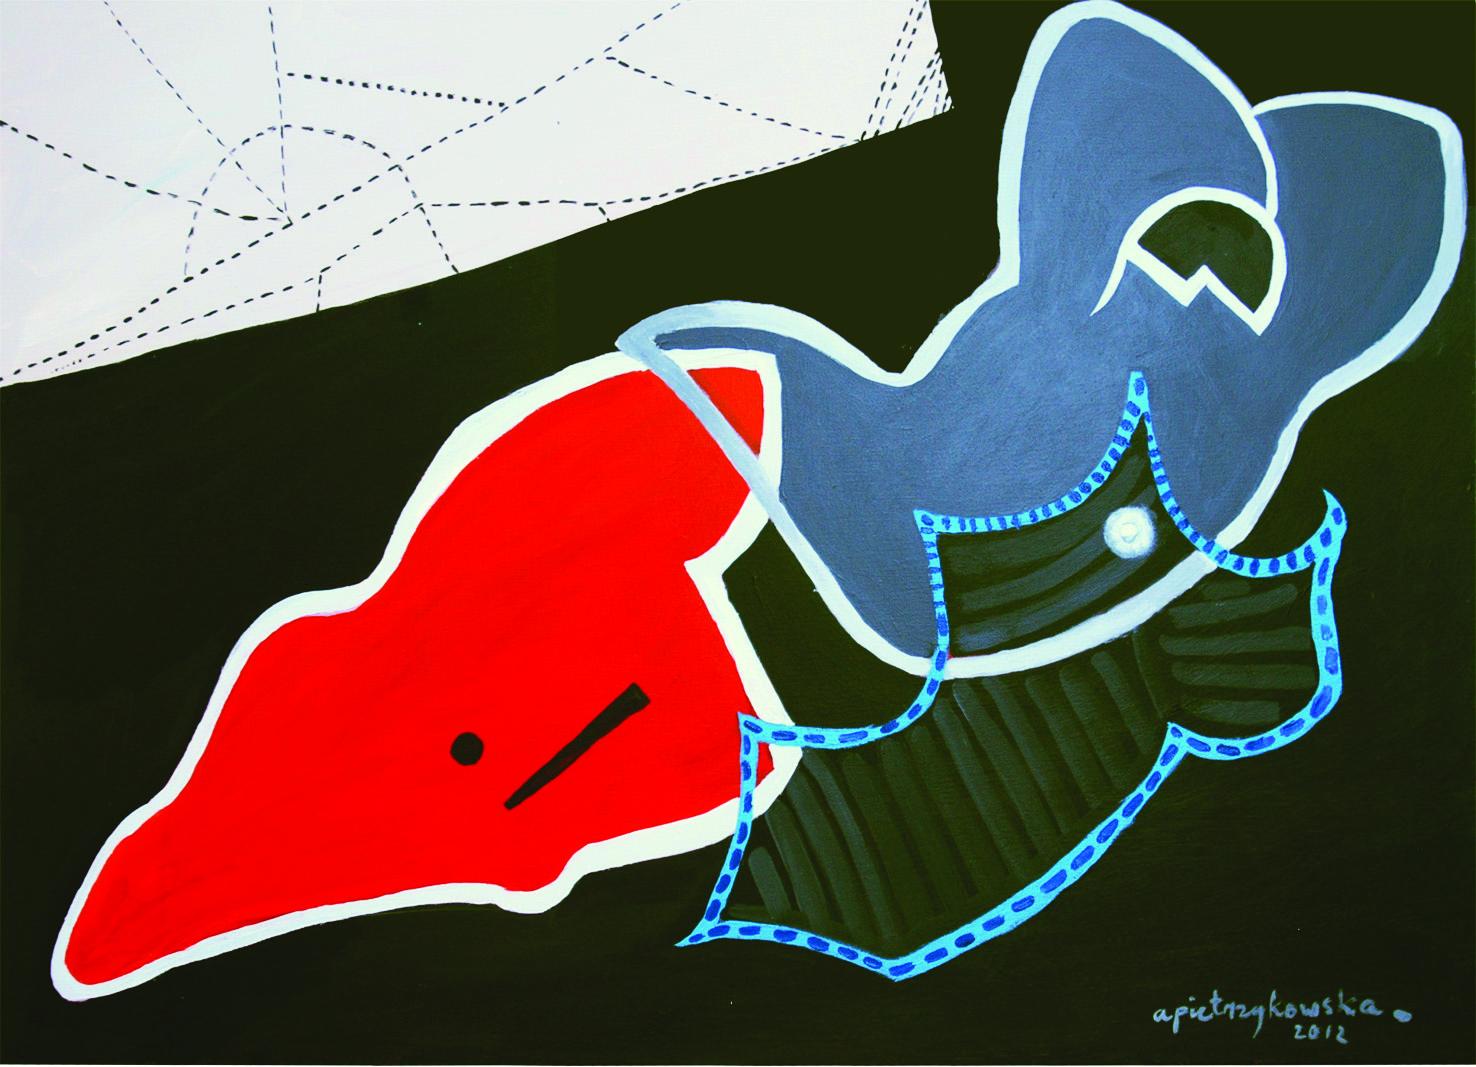 """Agnieszka Pietrzykowska, """"Kobieta w kostiumie"""", 2012, 92x65 cm (źródło: materiały prasowe)"""